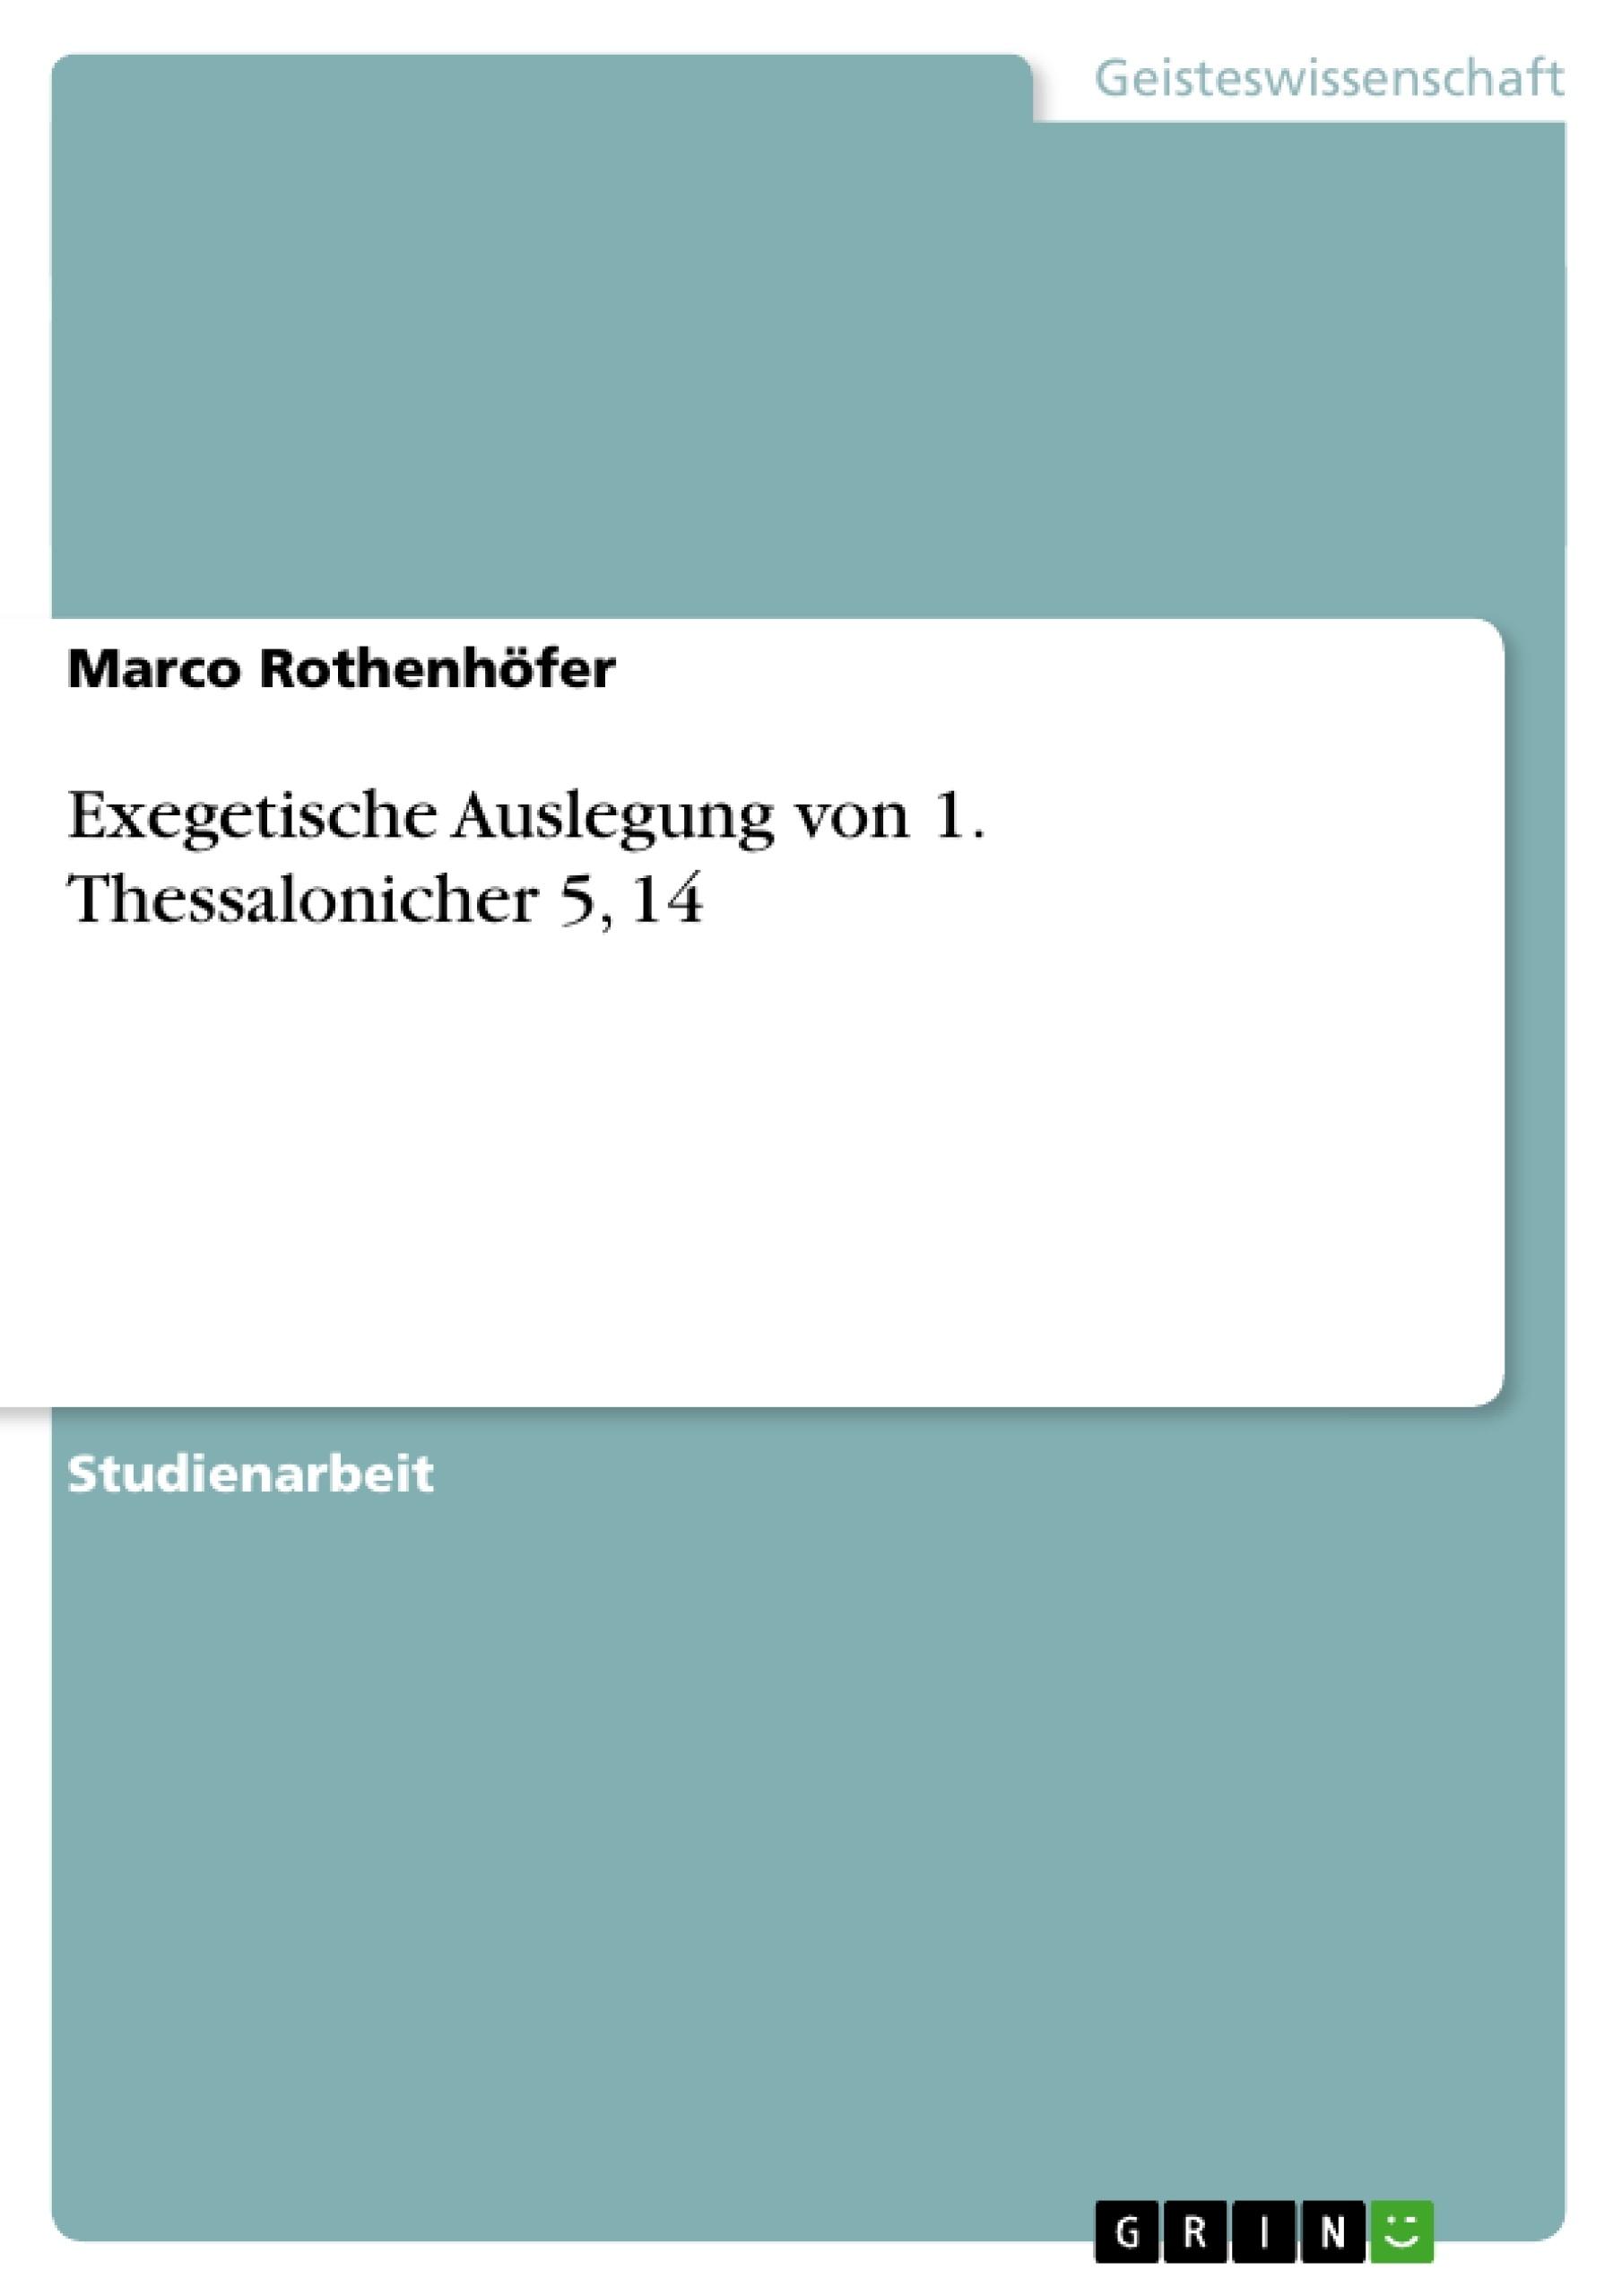 Titel: Exegetische Auslegung von 1. Thessalonicher 5, 14